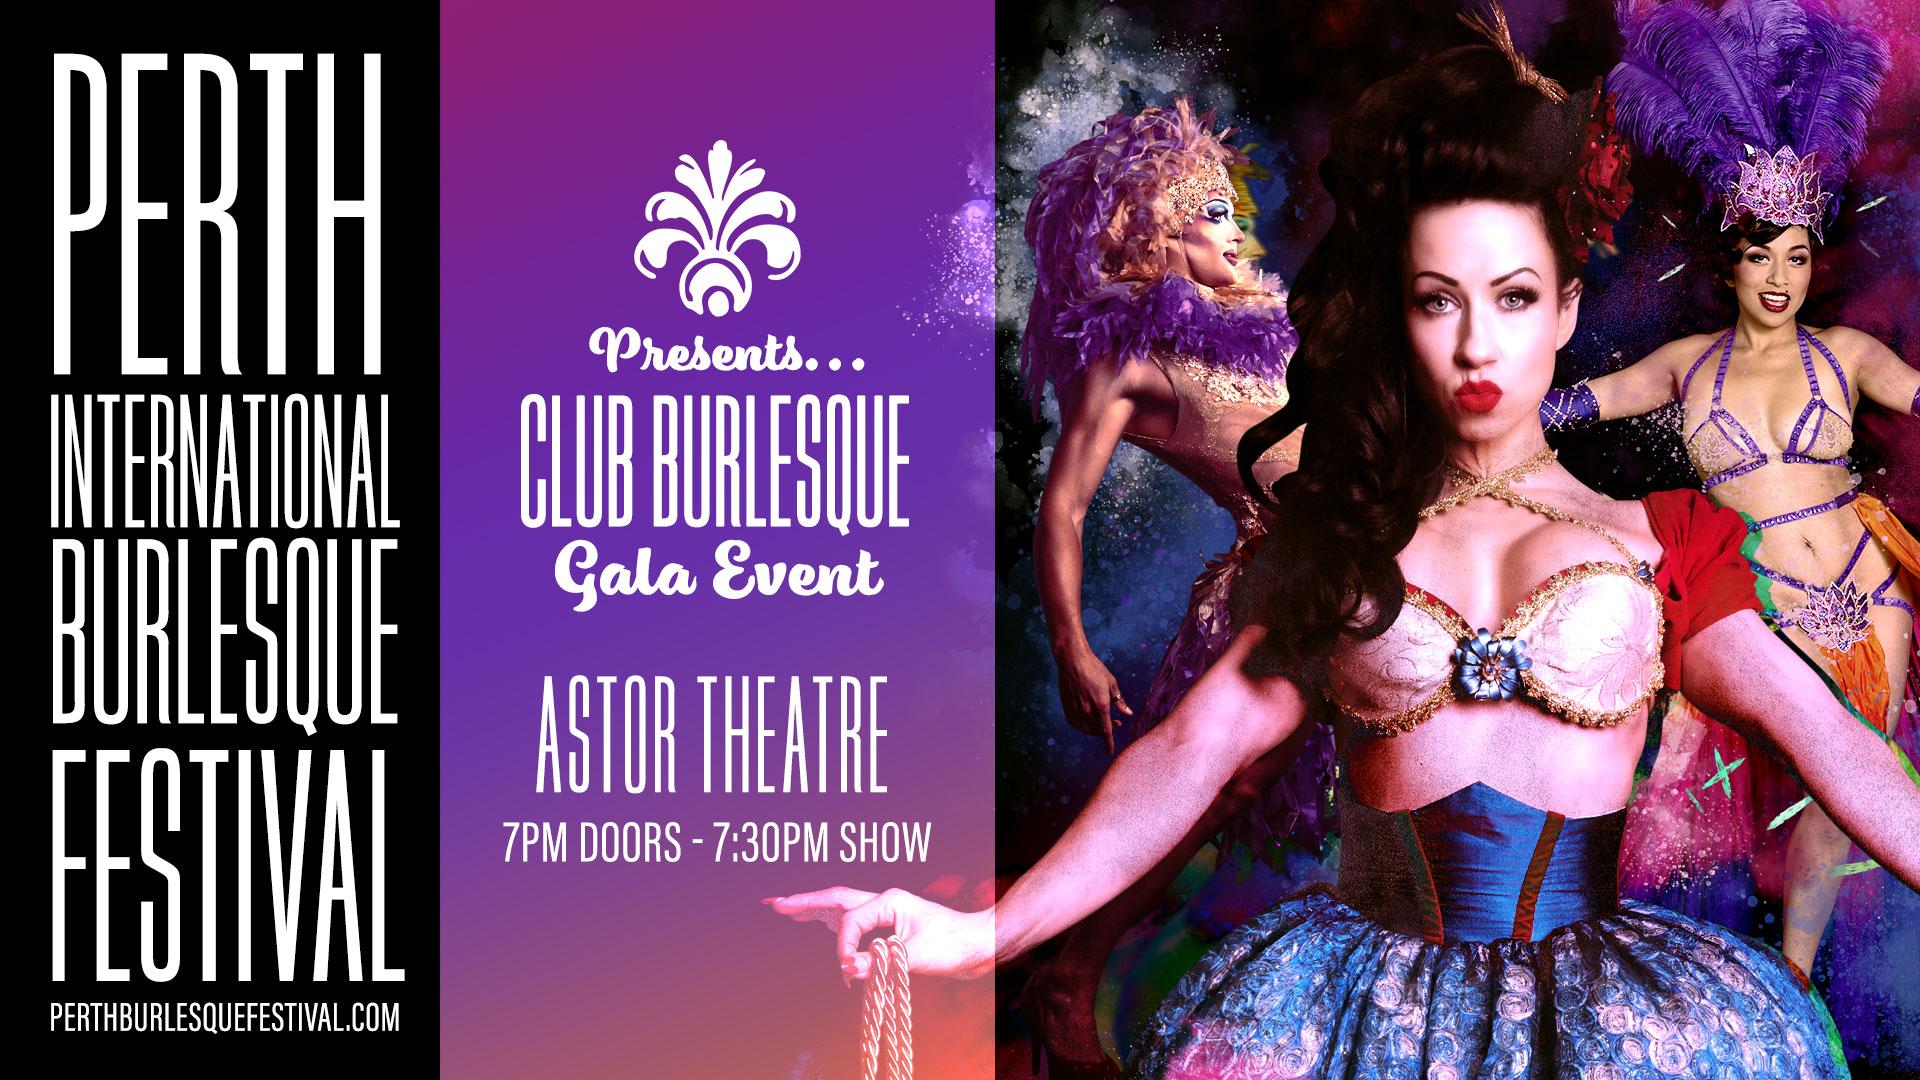 Gala Event: Club Burlesque